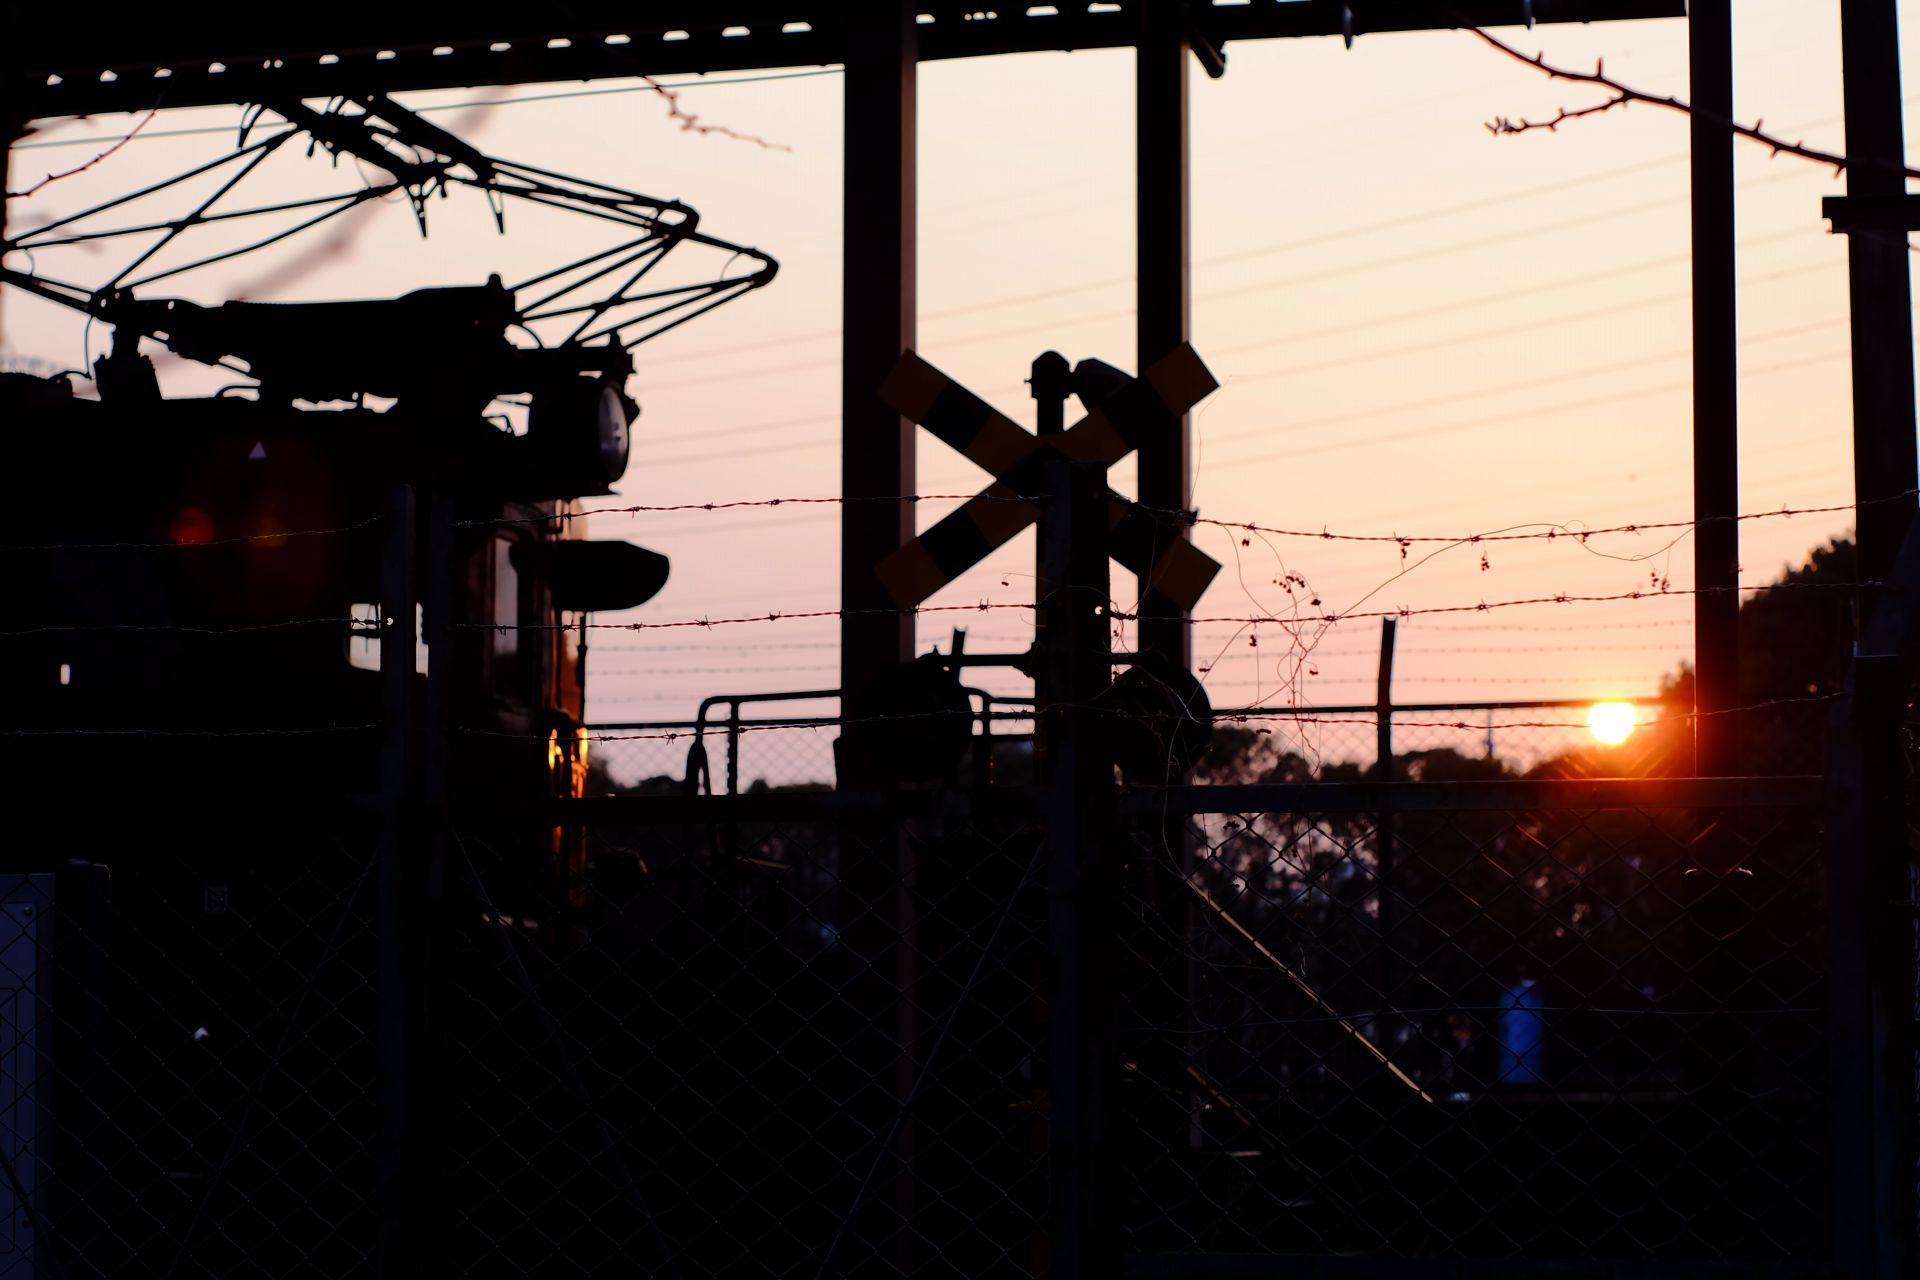 夕方のSL電車